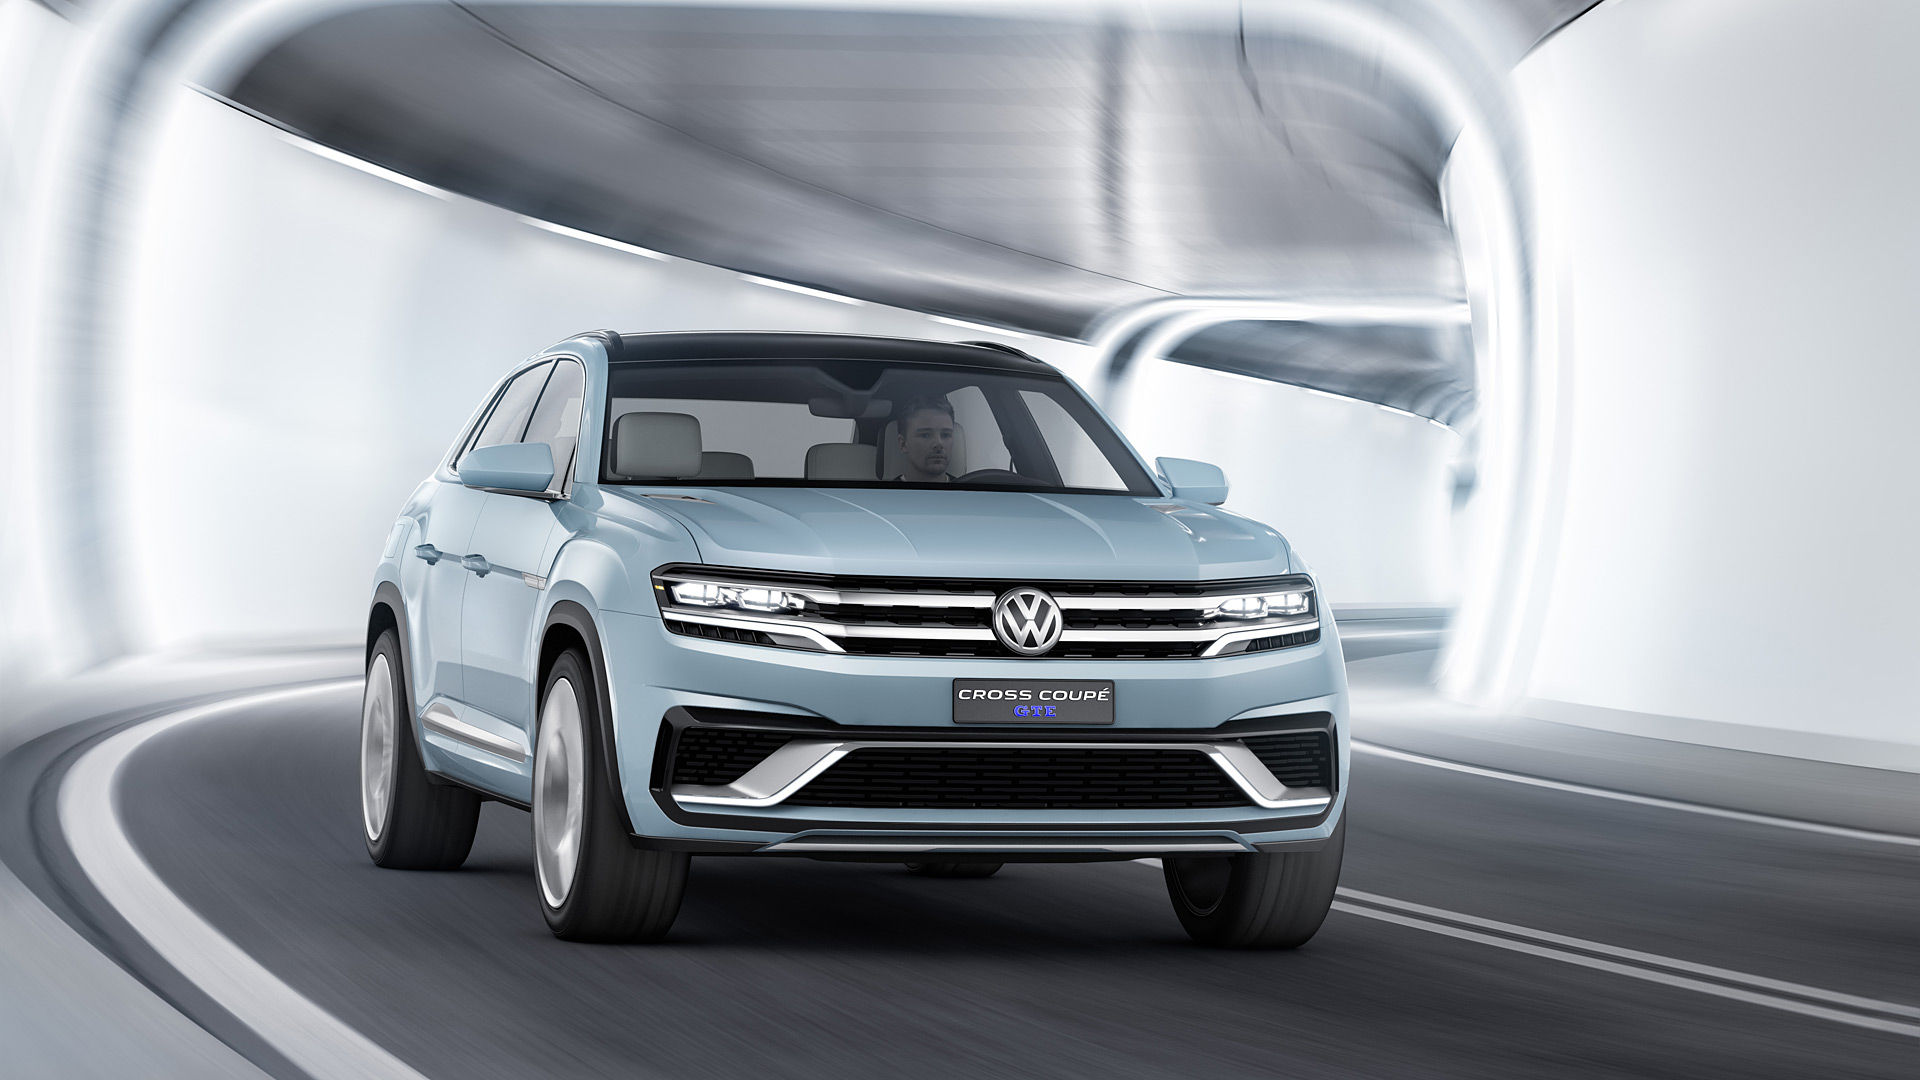 2015 Volkswagen Cross Coupe GTE Concept